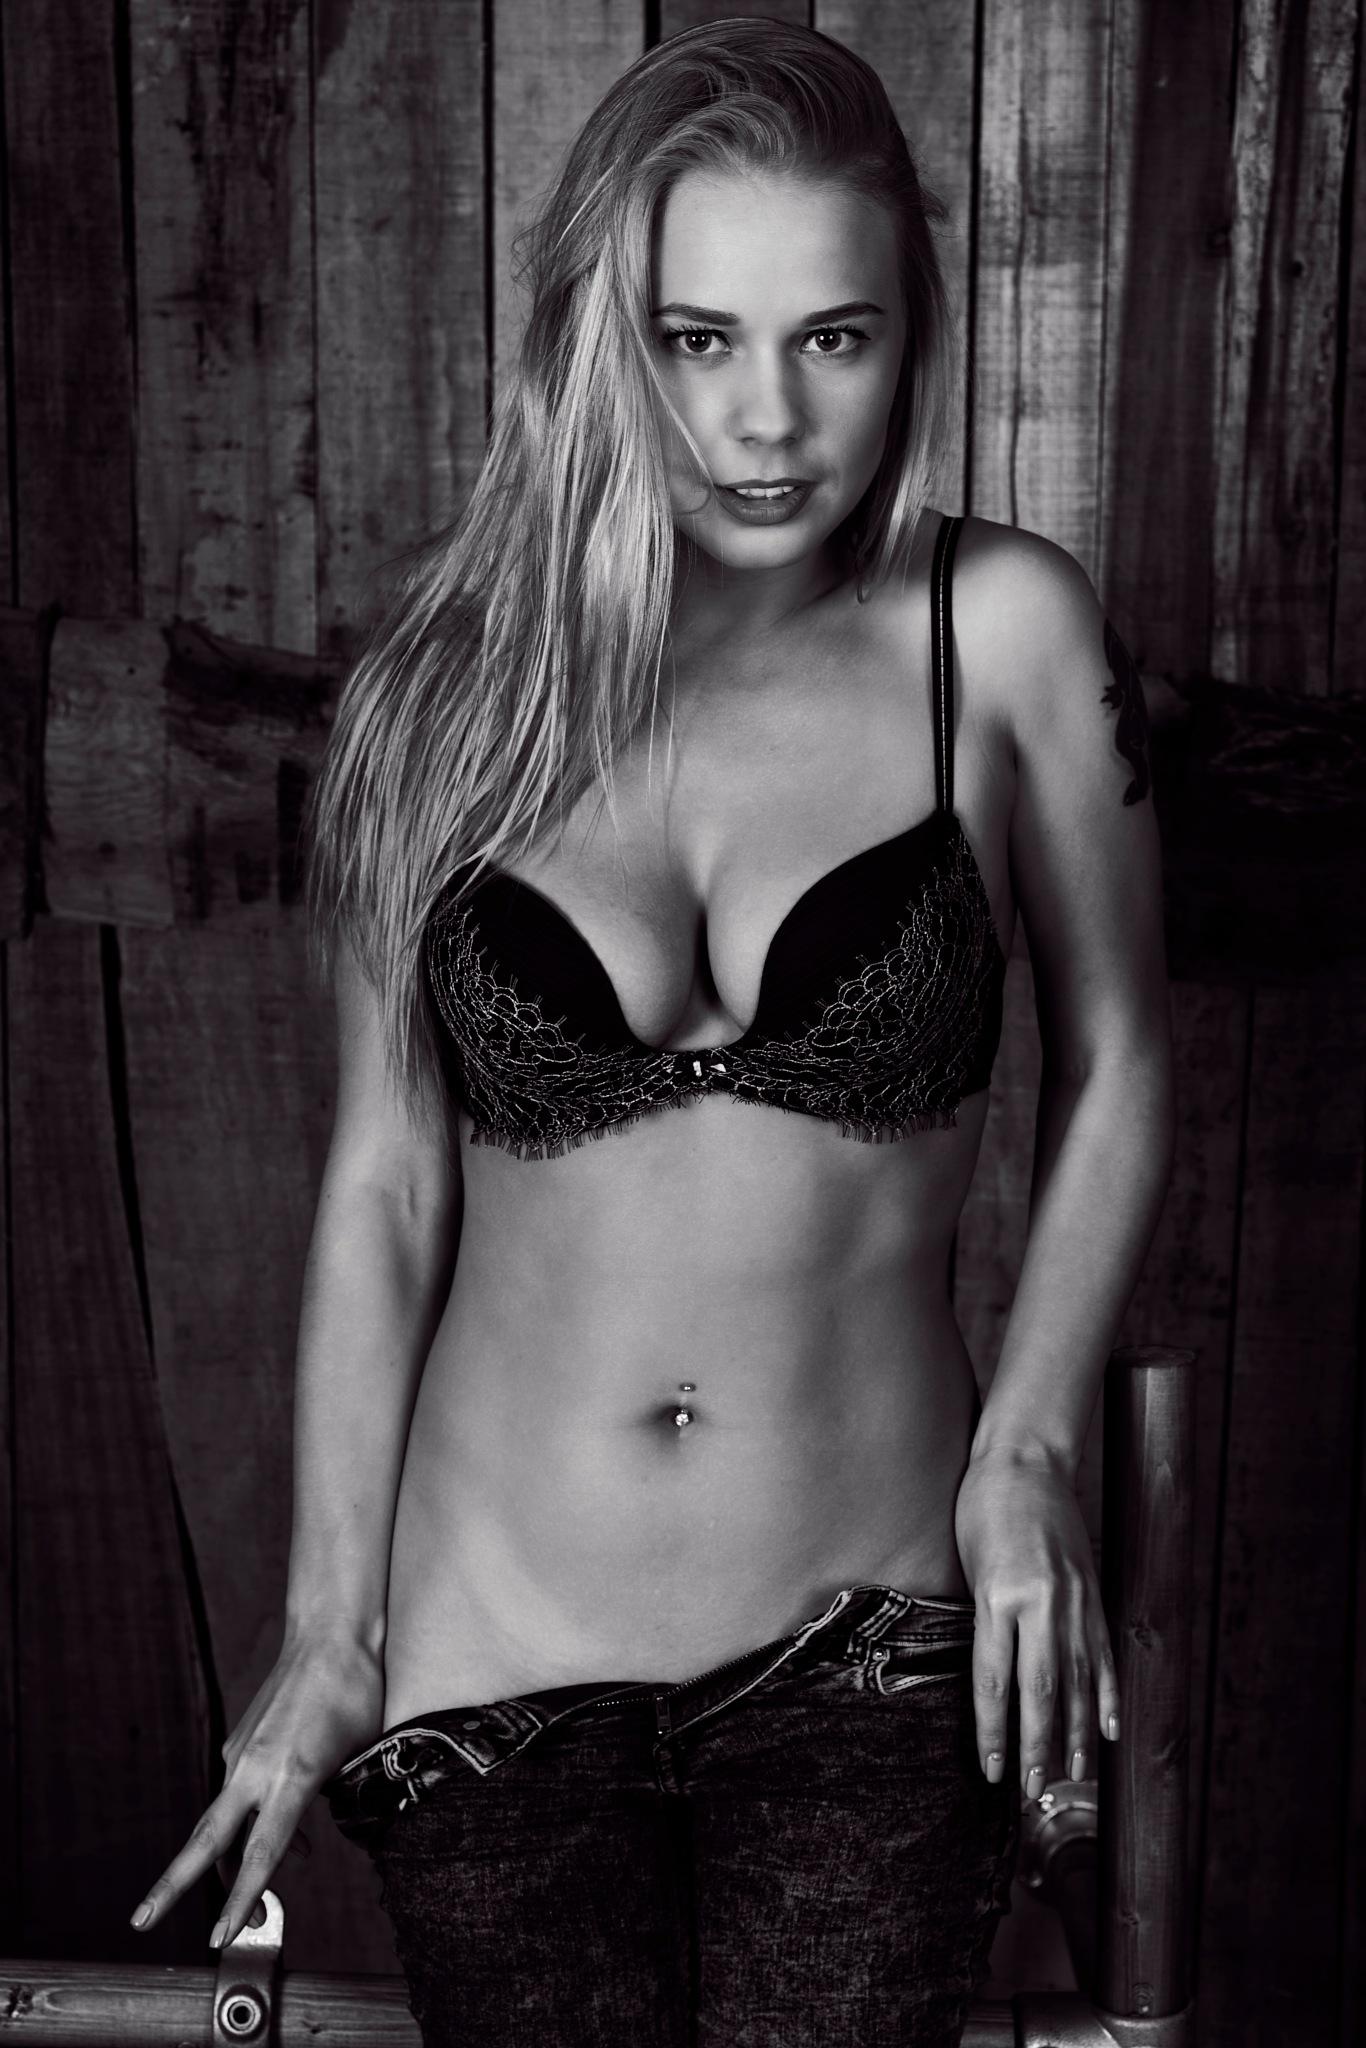 Darina in lingerie  by JHFotowereld